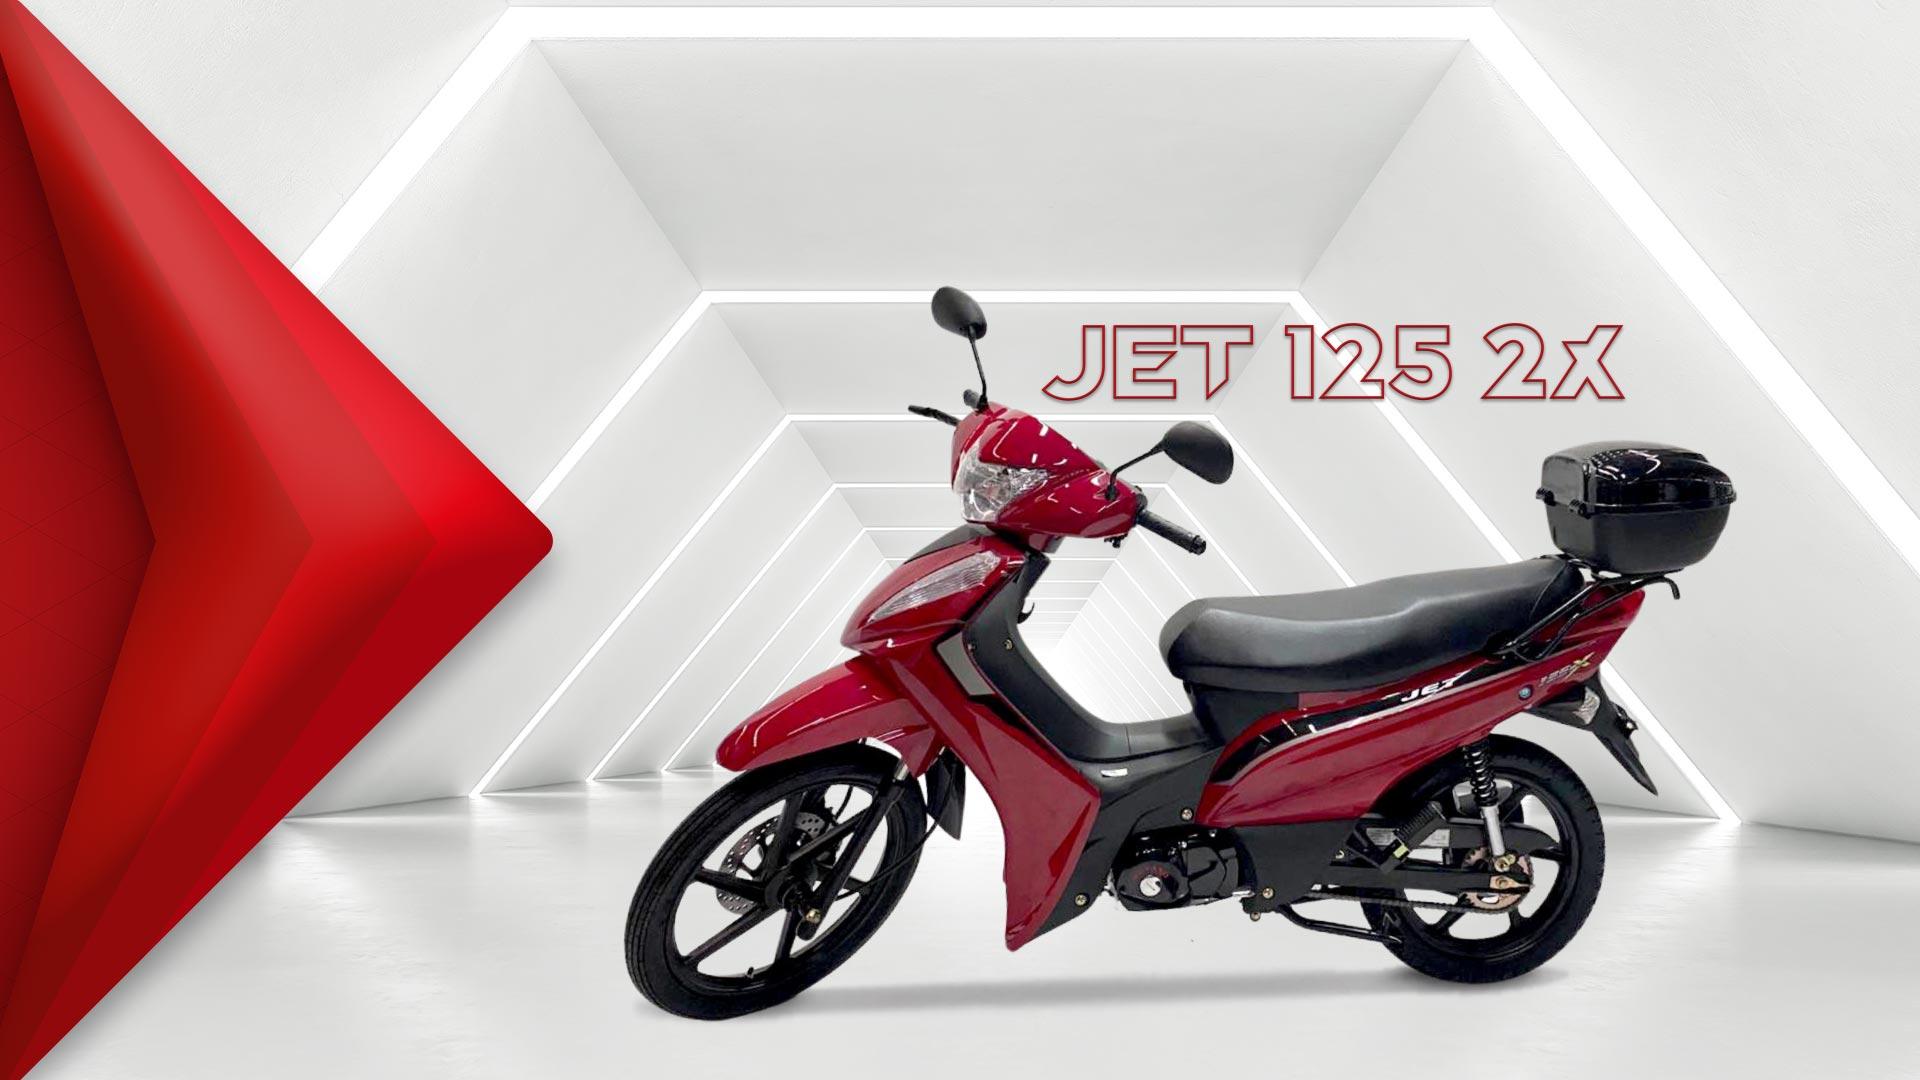 SHINERAY JET 125 2x ((( GASOLINA ))) Motor 125 cilindradas refrigerado a ar, 4 tempos, 4 marchas,  buzina, farol, retrovisores, pisca, embreagem centrífuga automática,  par